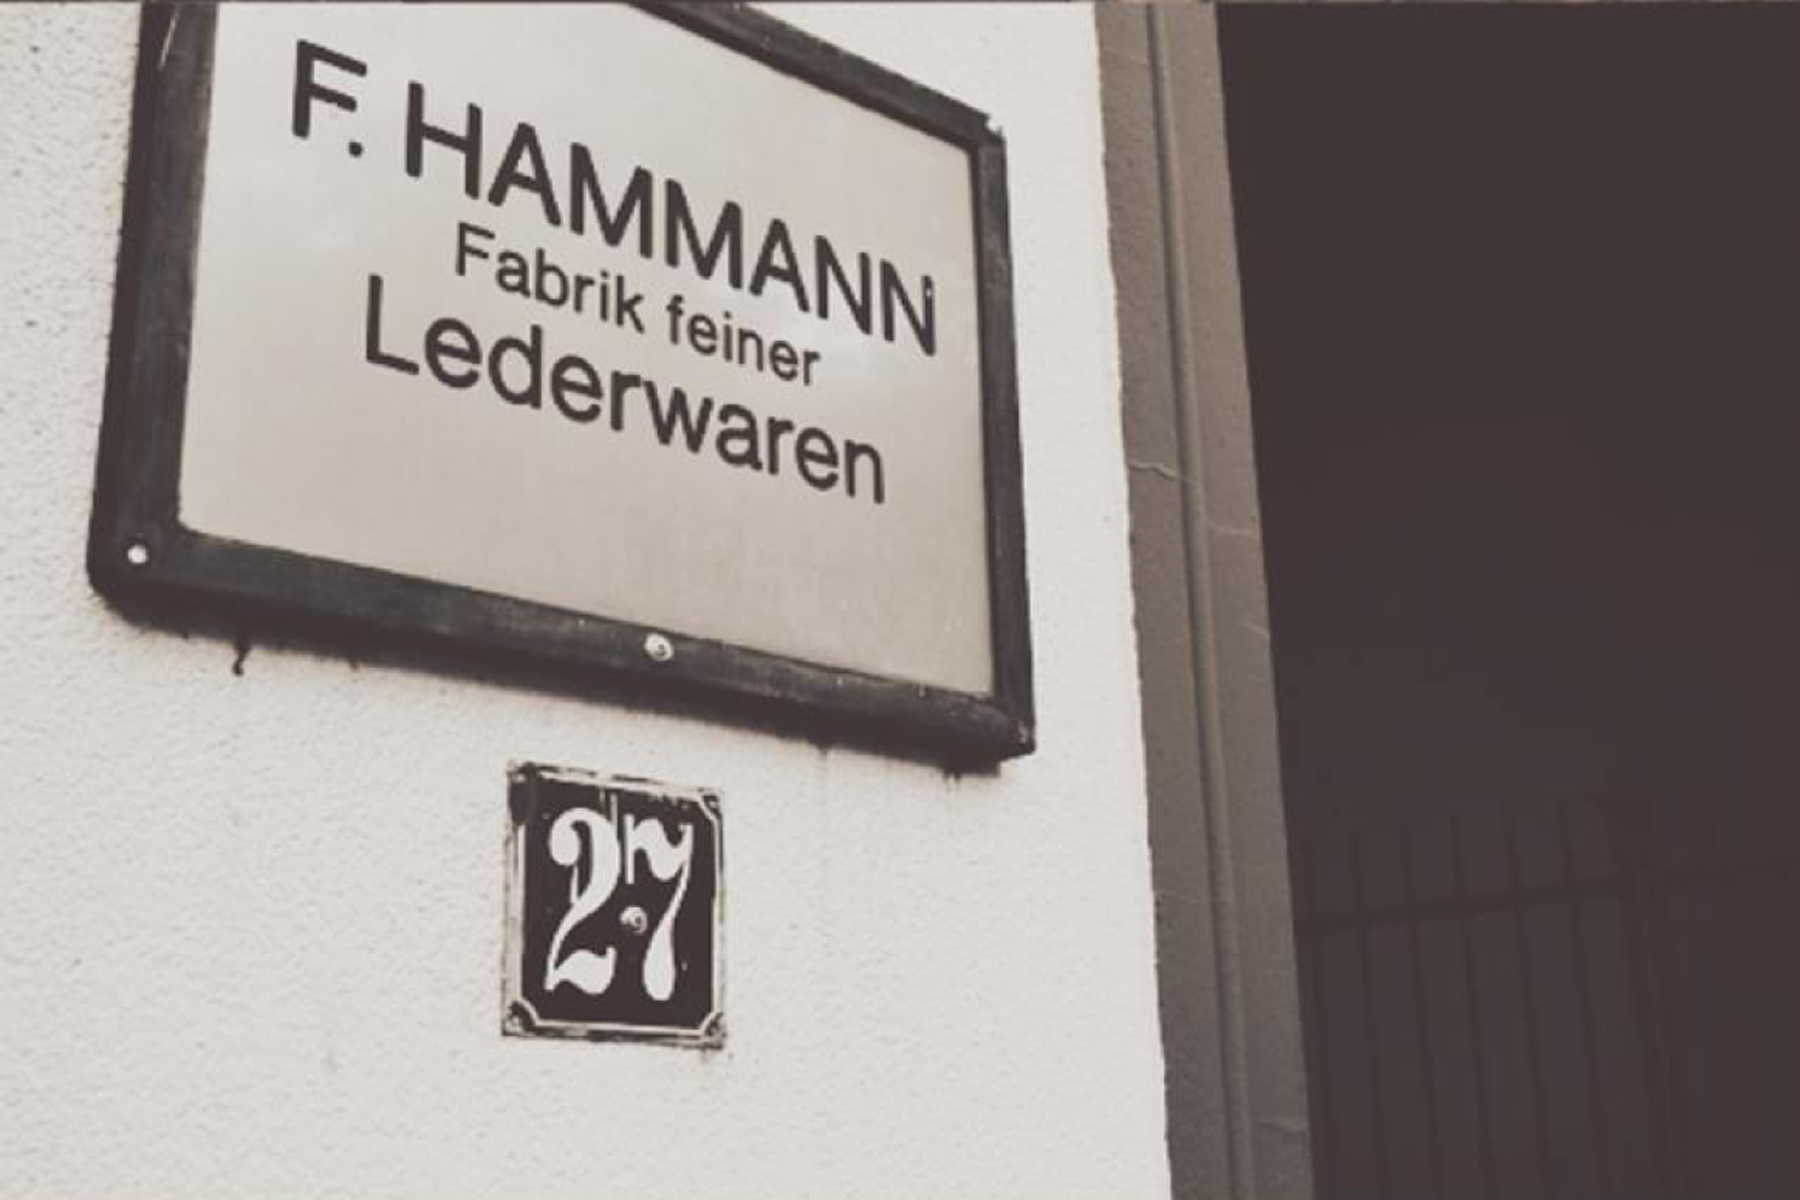 ABOUT F.HAMMANN